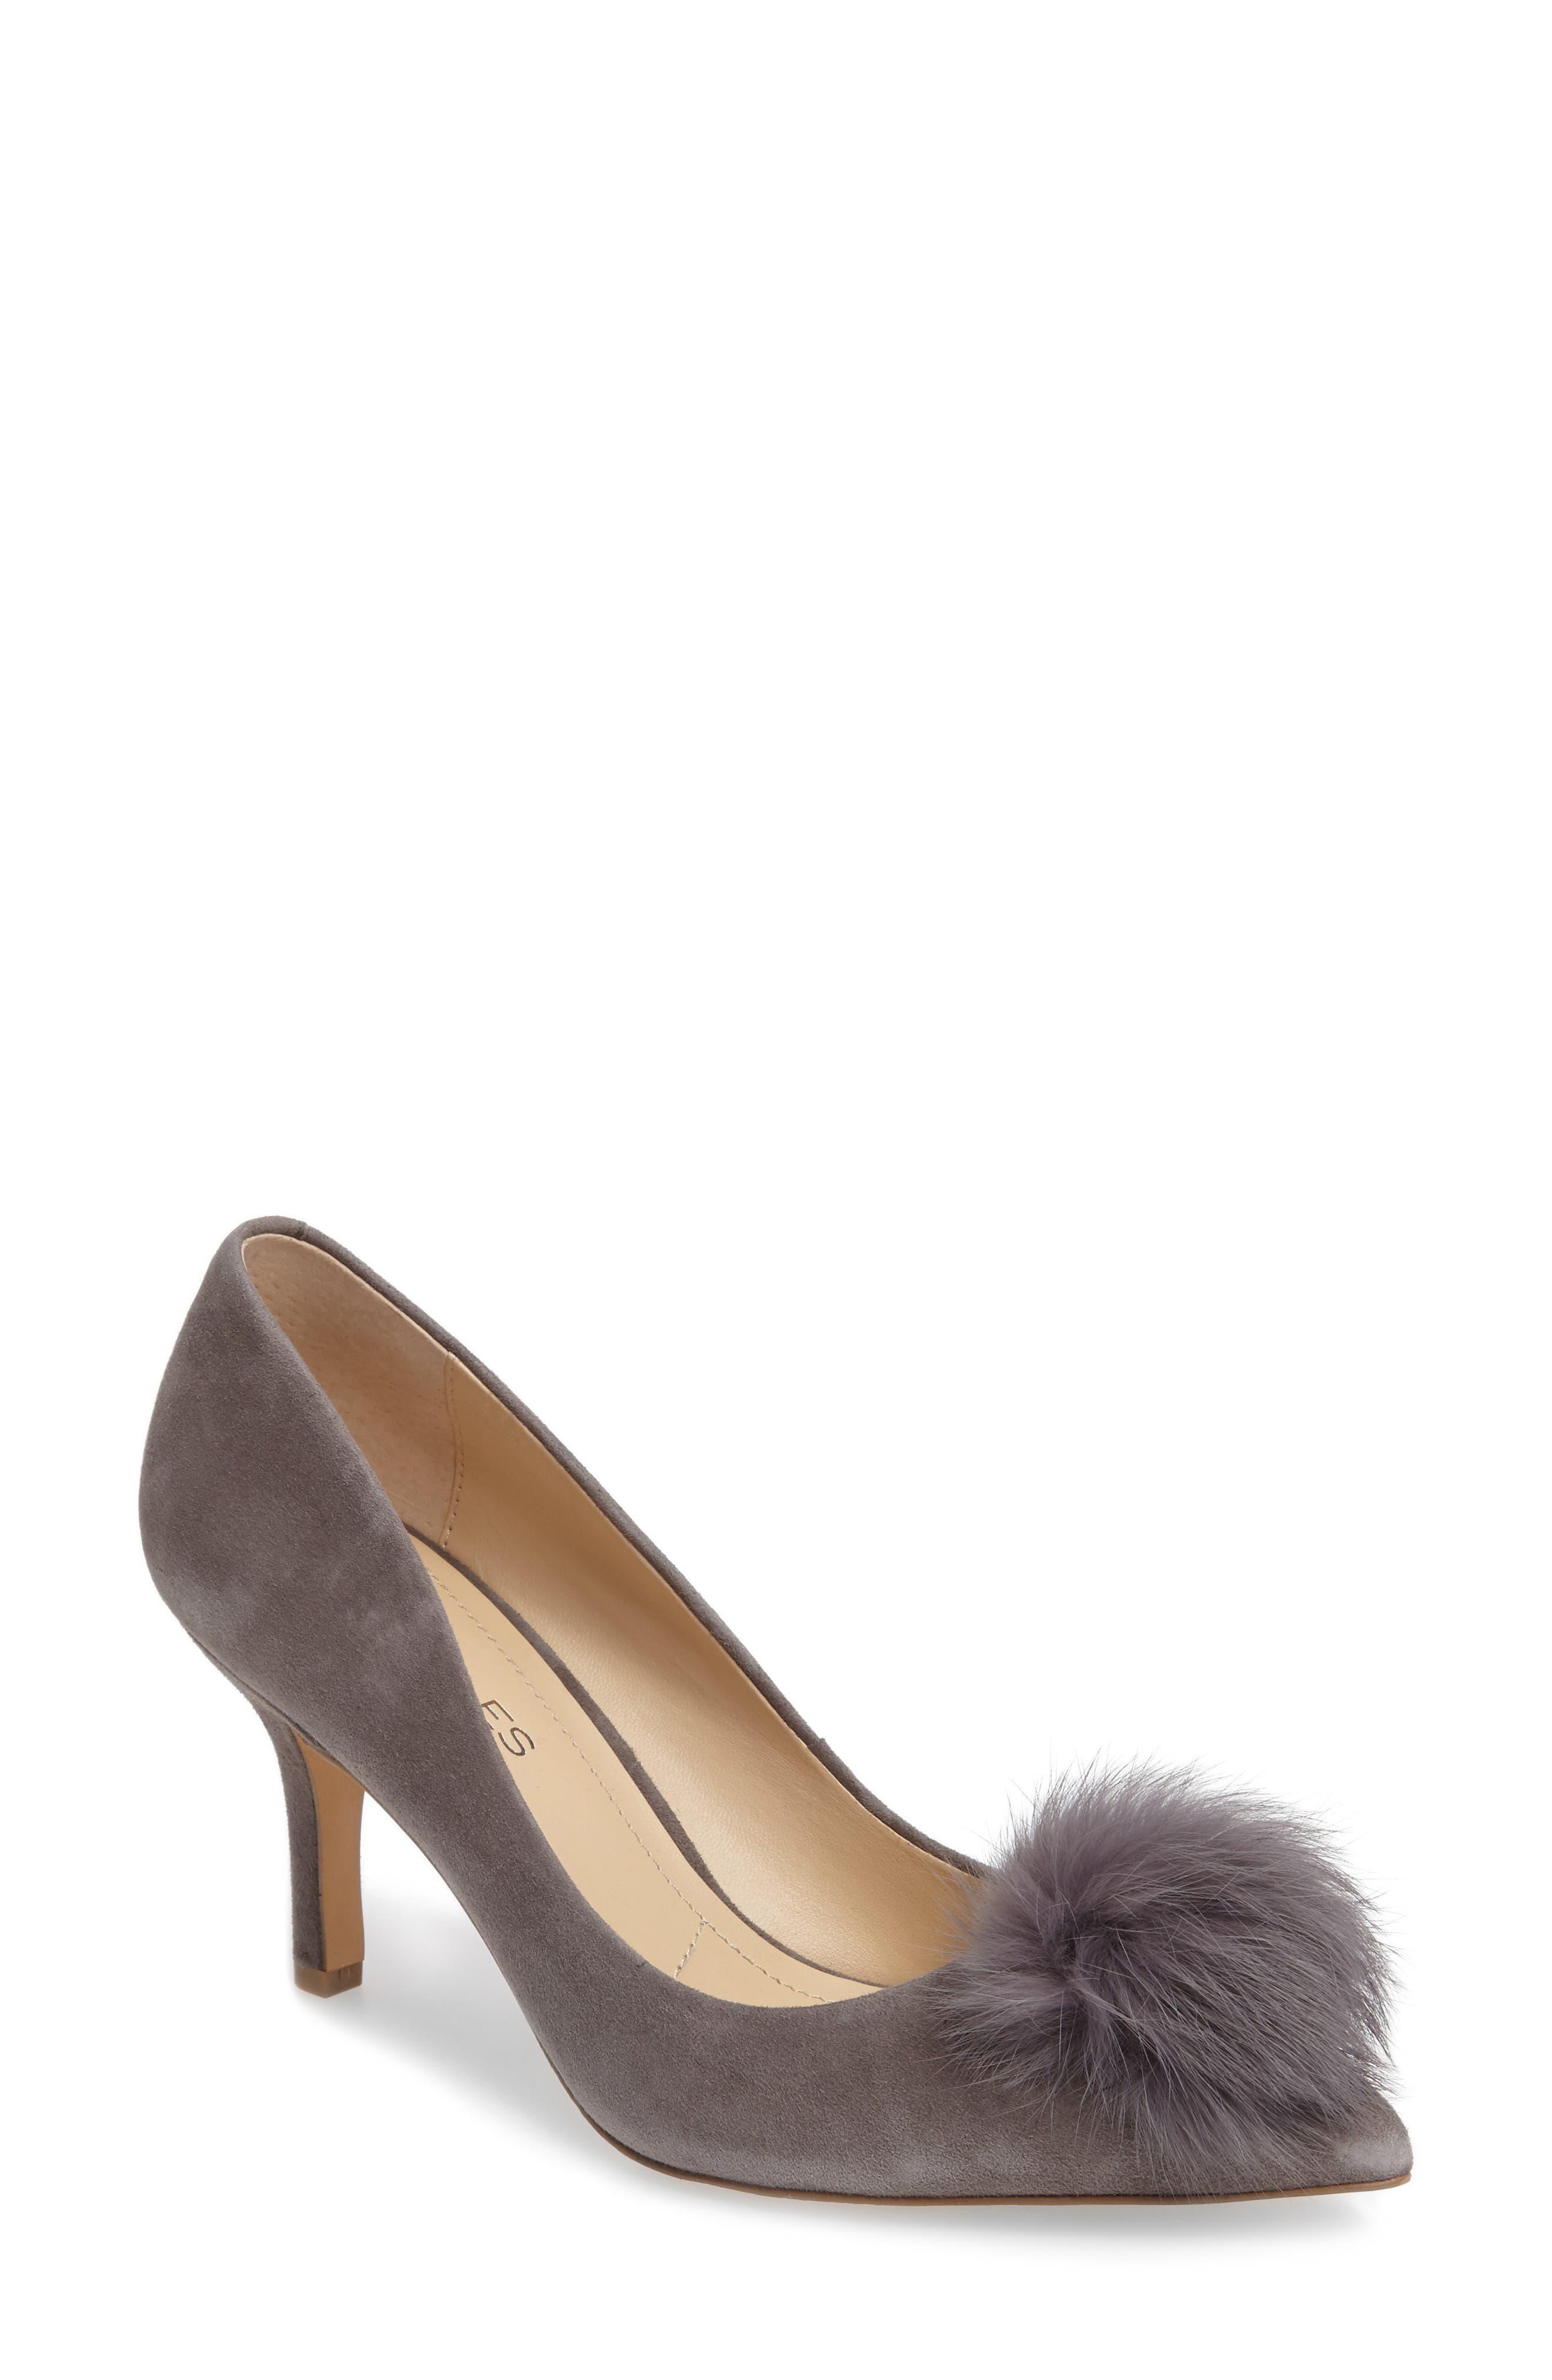 Main Image - Charles by Charles David Sadie Genuine Rabbit Fur Pom Pump (Women)